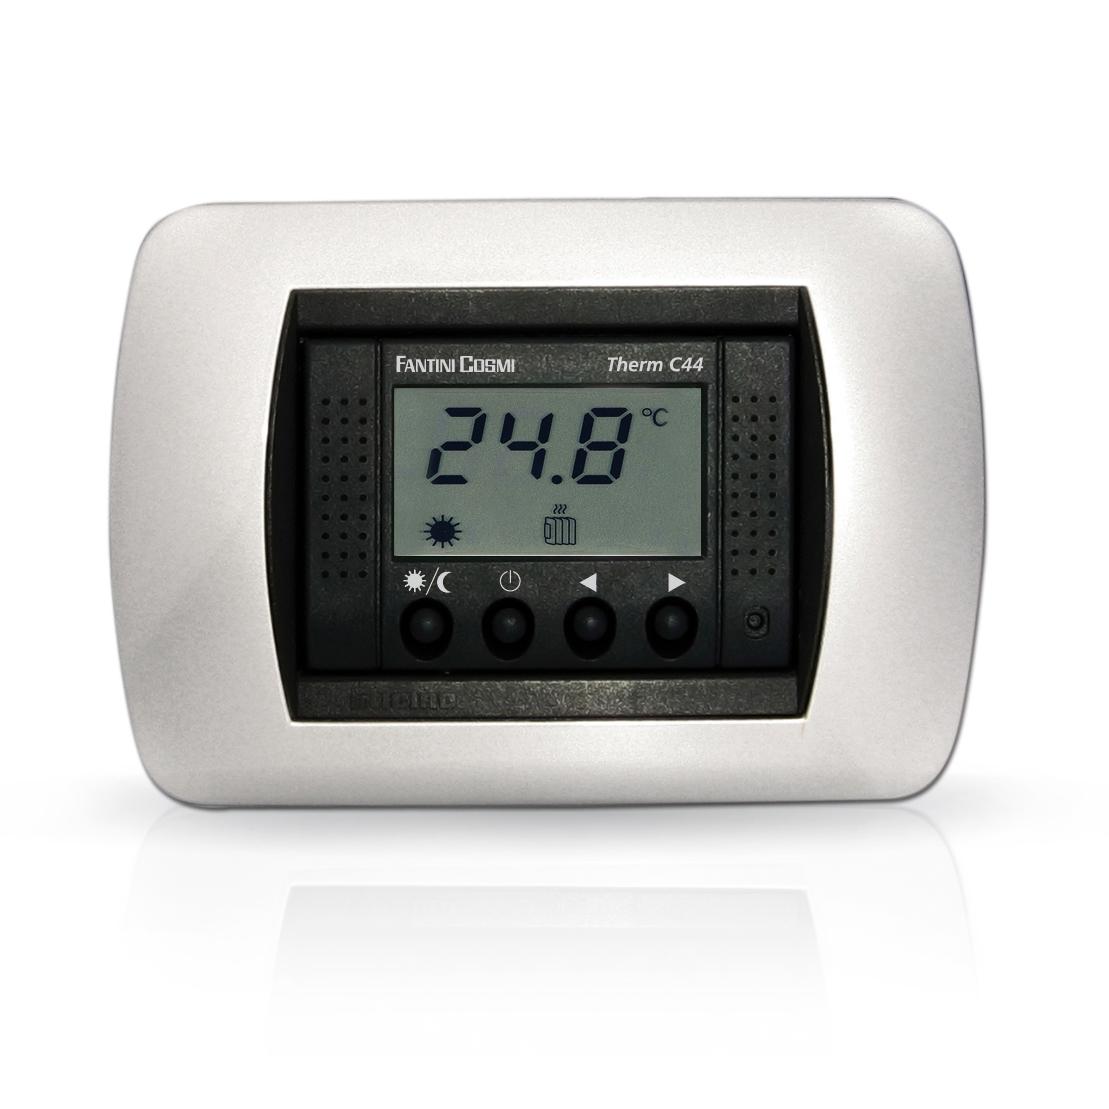 C44 Termostato Ambiente Da Incasso Alimentato A 230v 50hz A